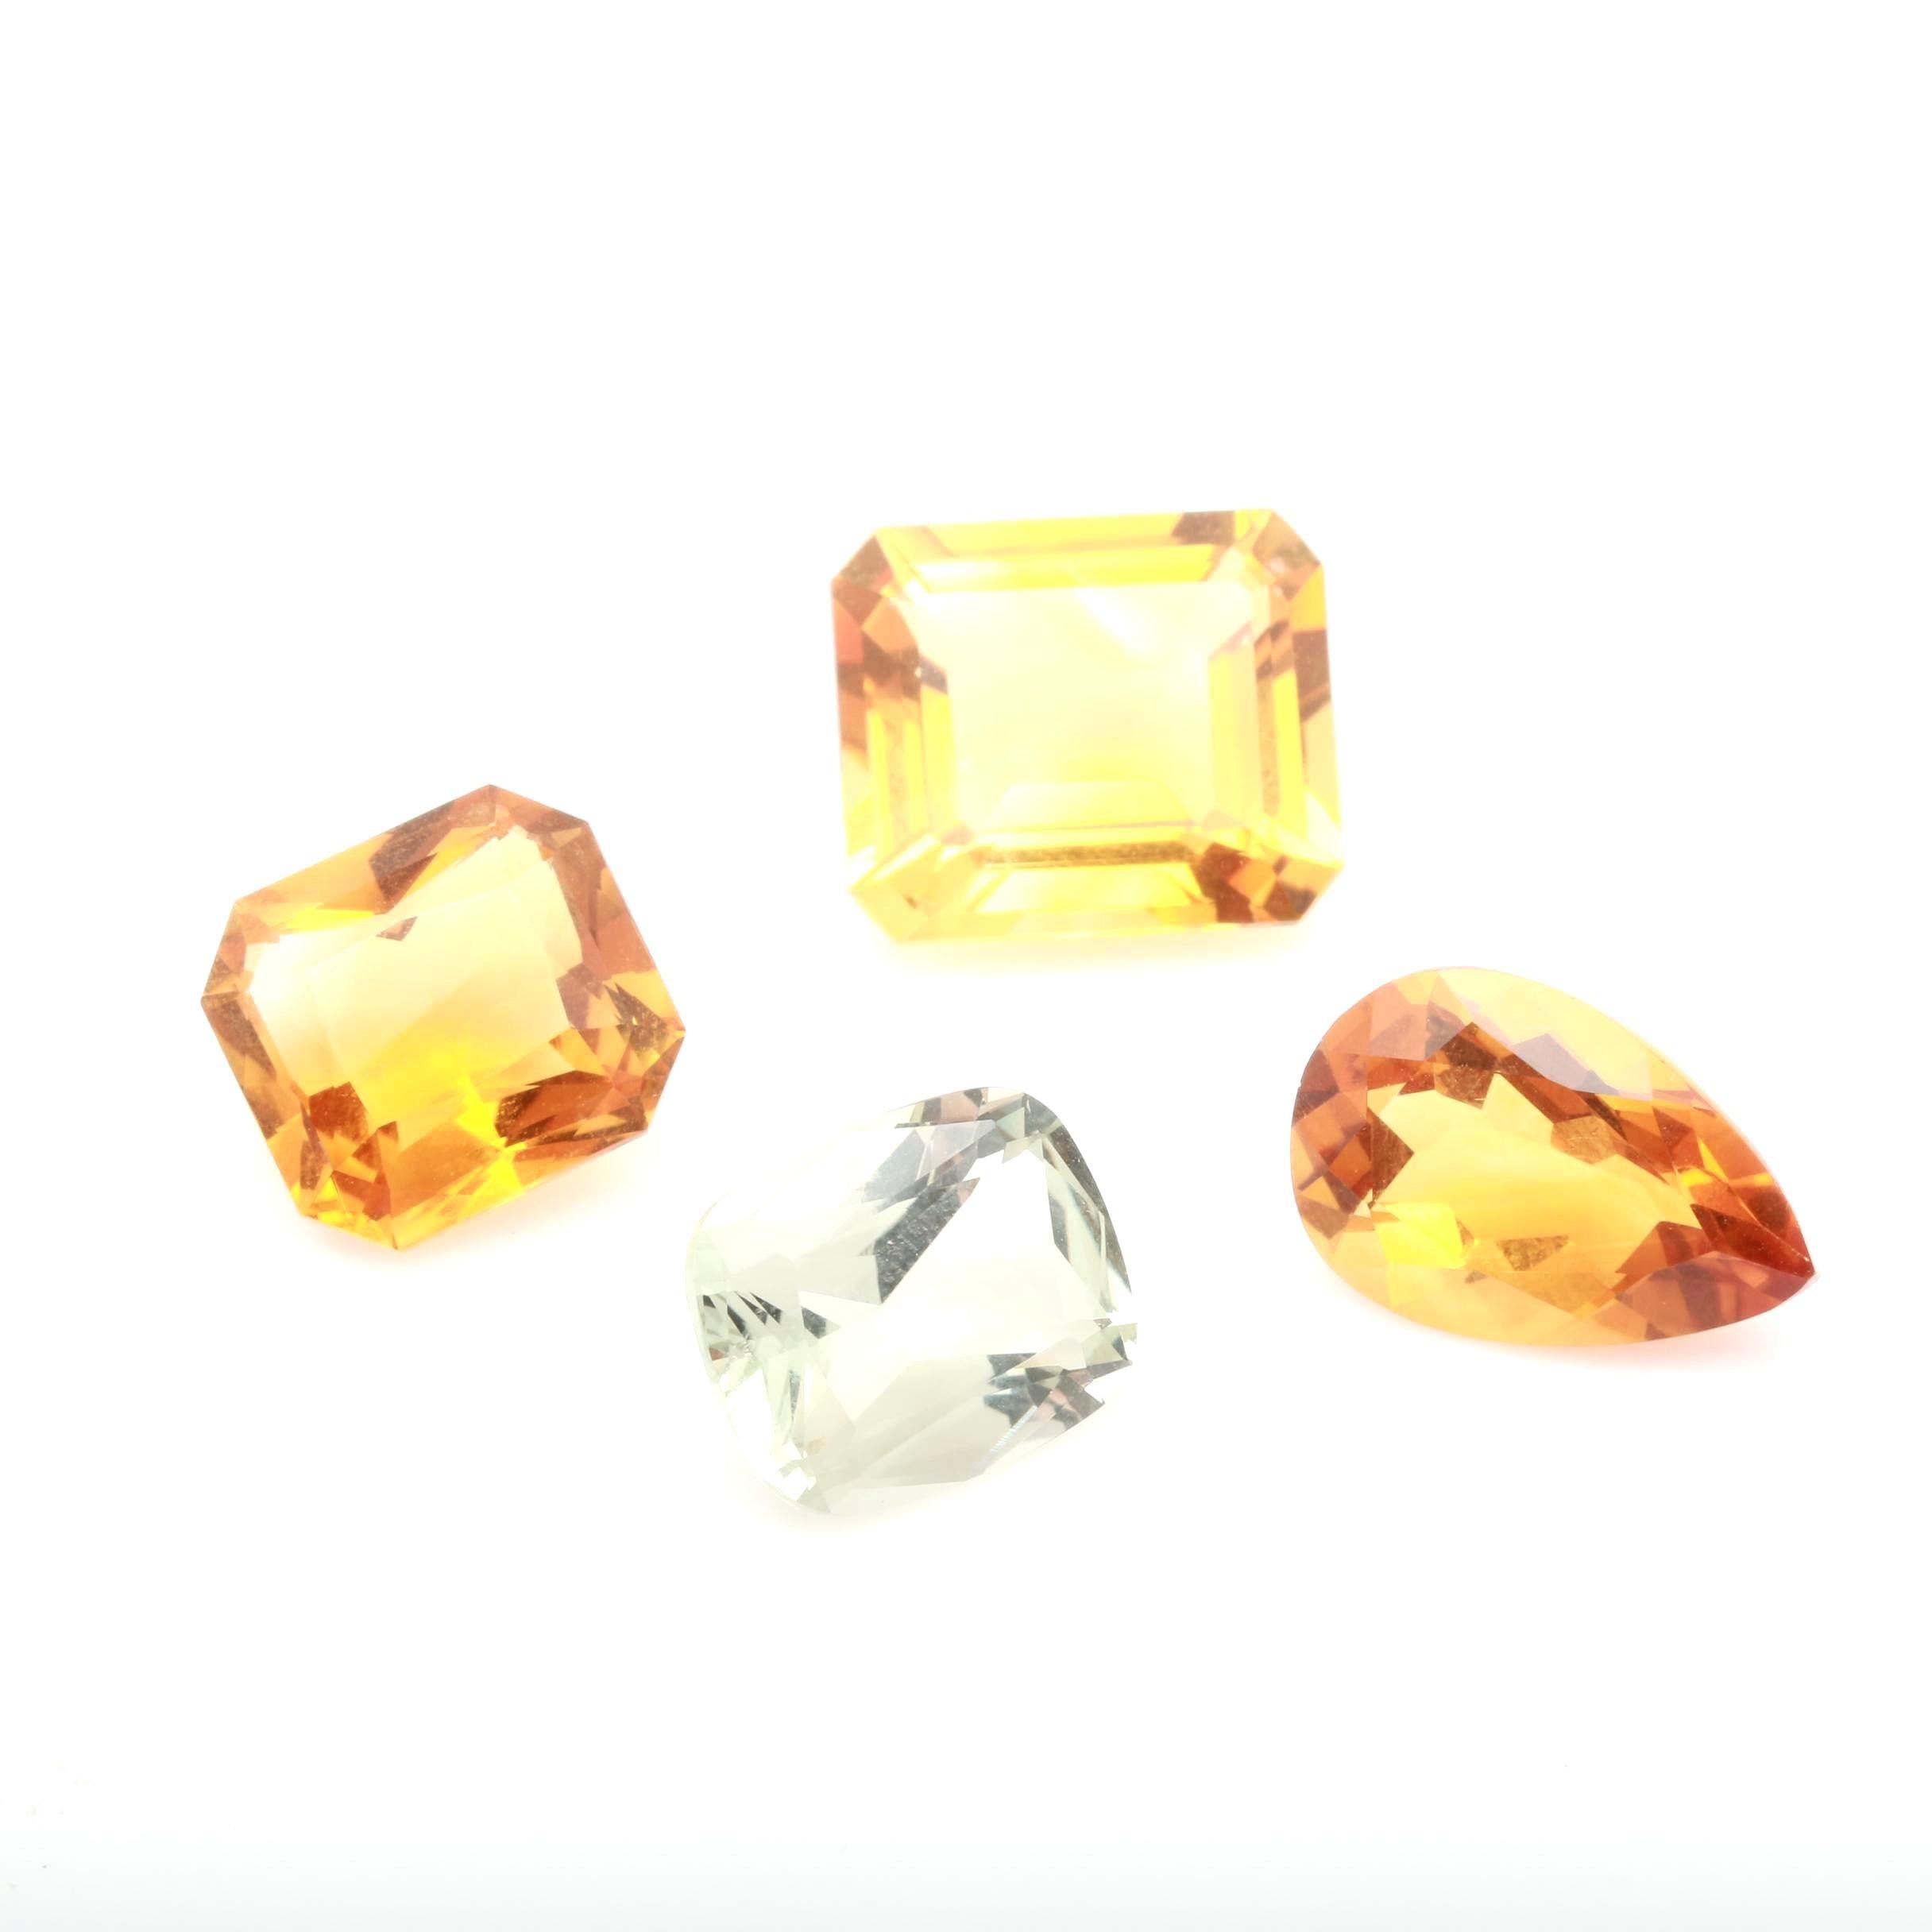 Loose Quartz Gemstones Including Citrine and Praseolite